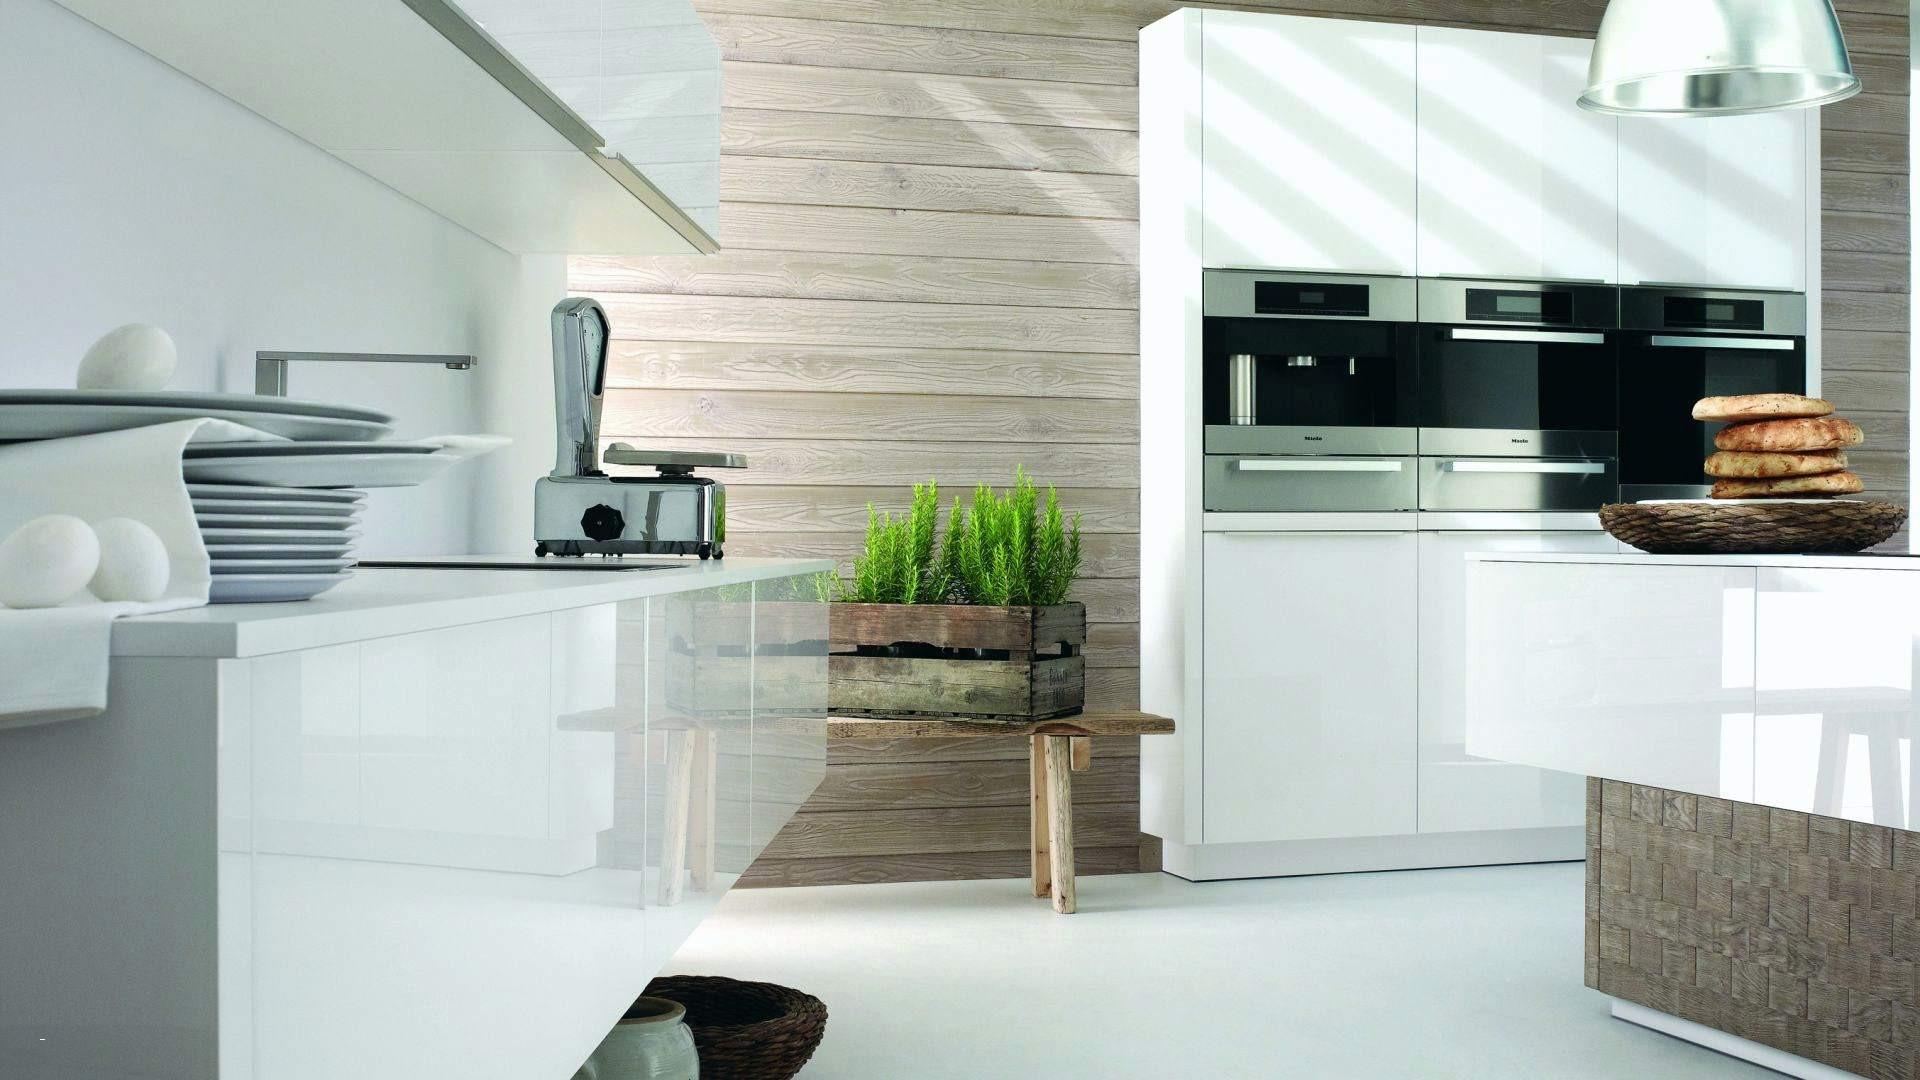 Cuisine En Bois Ikea Jouet Inspirant Images Ikea Logiciel Cuisine Inspirant Jouet Cuisine Ikea Magnifique